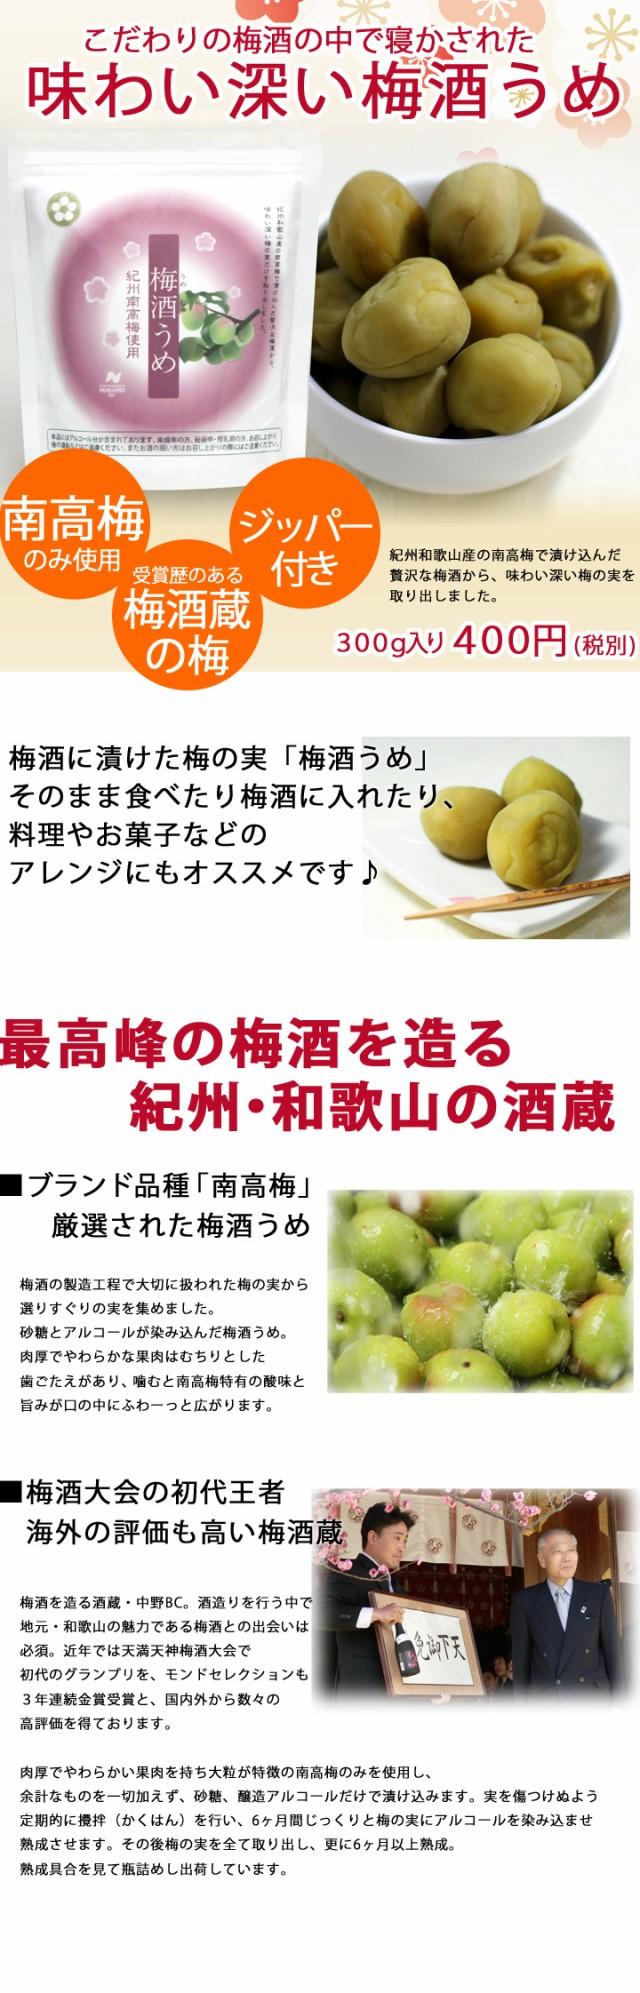 梅酒うめ【梅酒の梅 長久庵 中野BC お菓子 お茶菓子 パン】